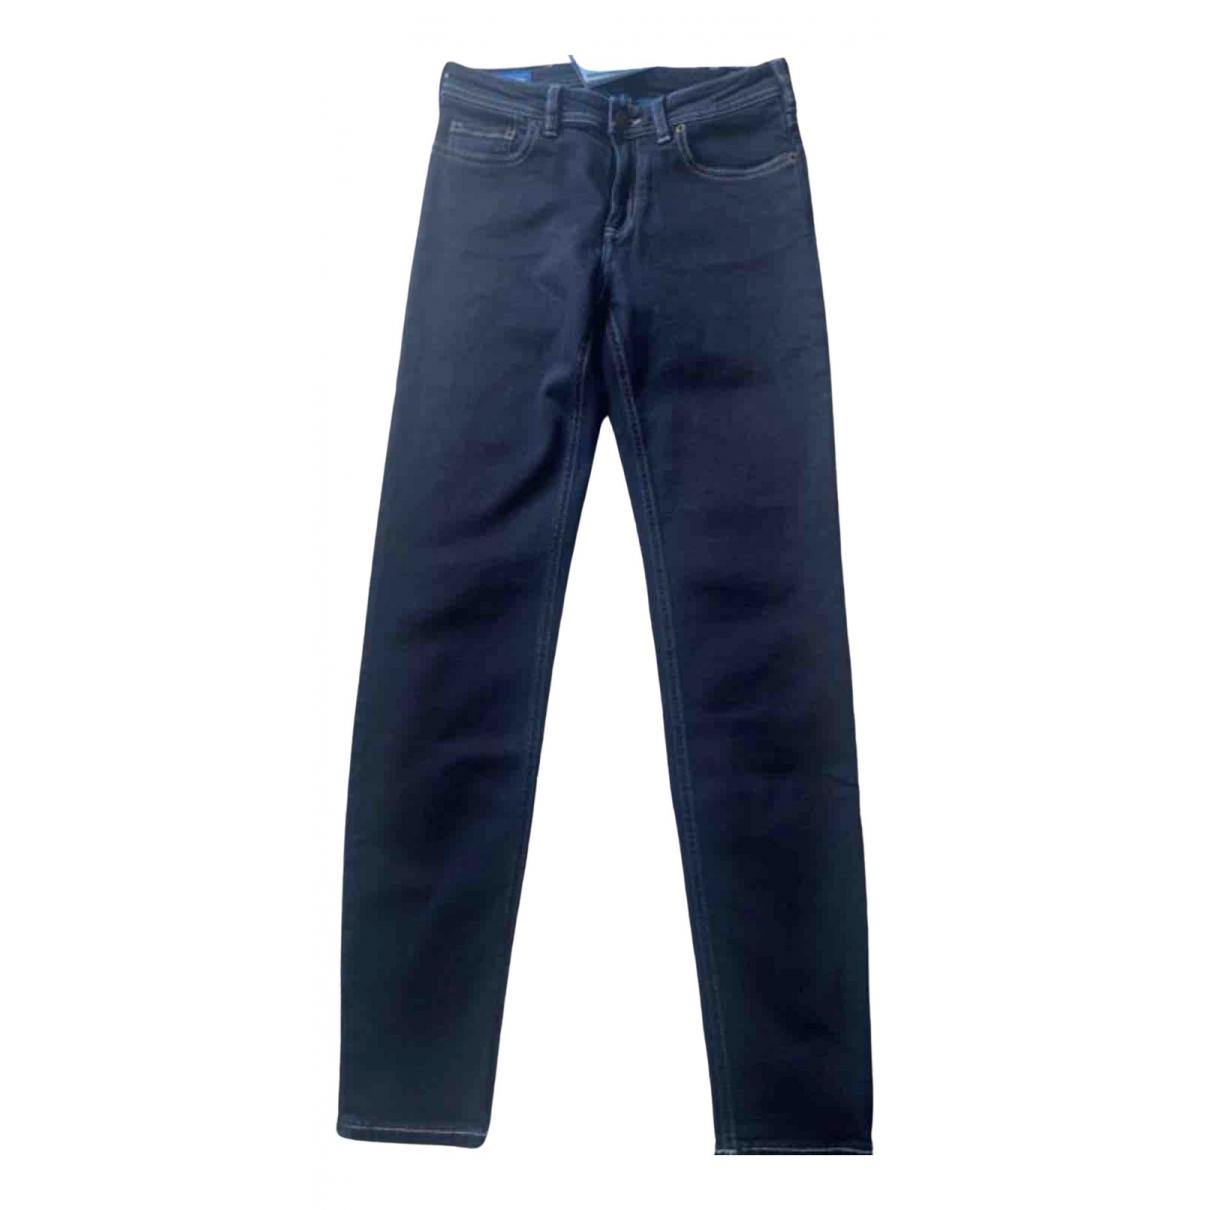 Acne Studios Blå Konst Blue Denim - Jeans Jeans for Women 25 US